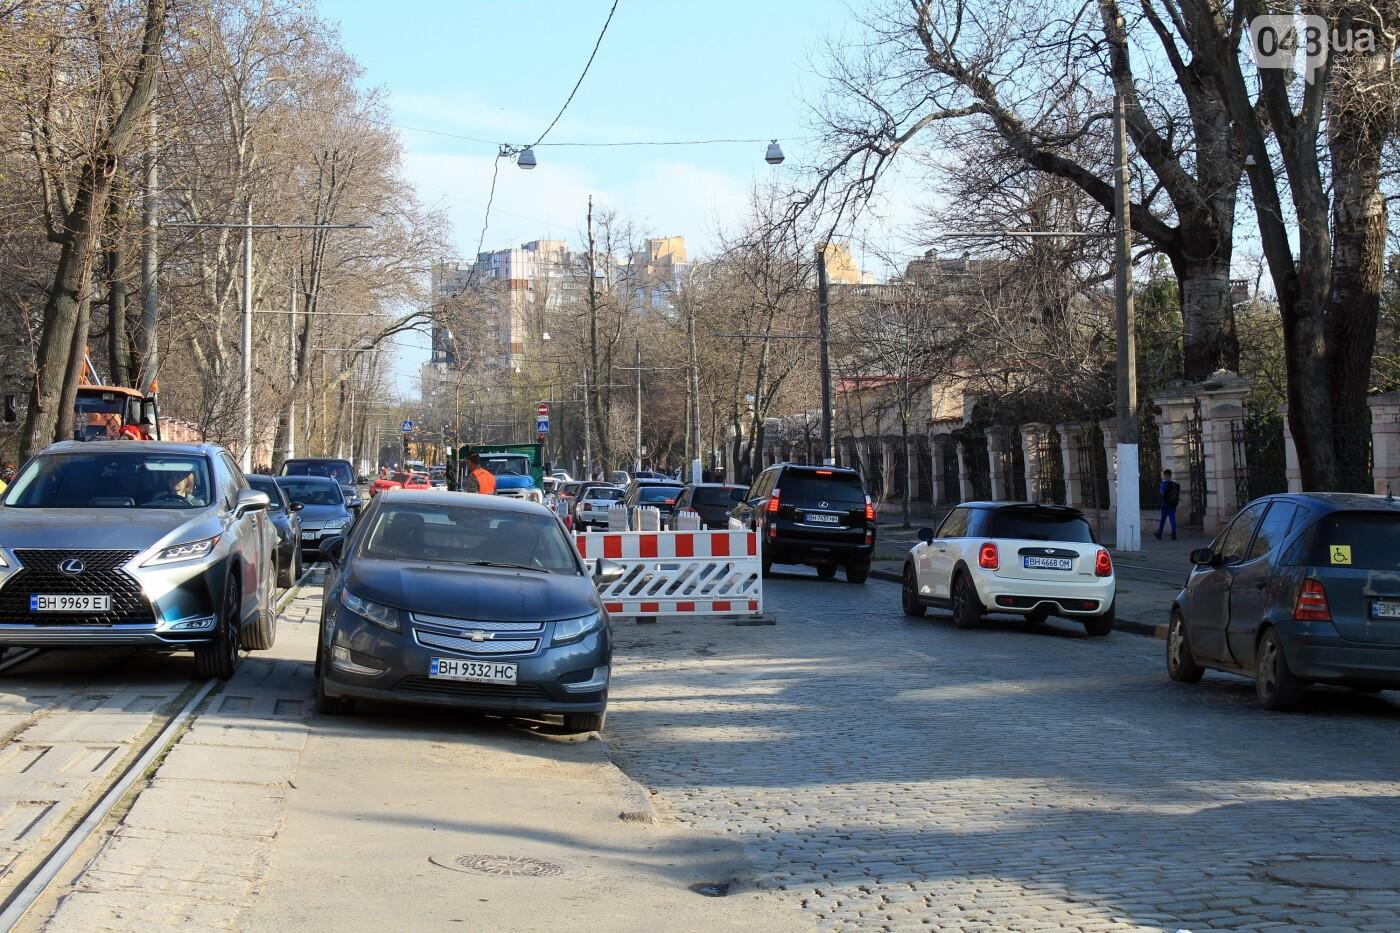 На Французском бульваре перестилают брусчатку: автомобили едут по рельсам, - ФОТО, ВИДЕО , фото-5